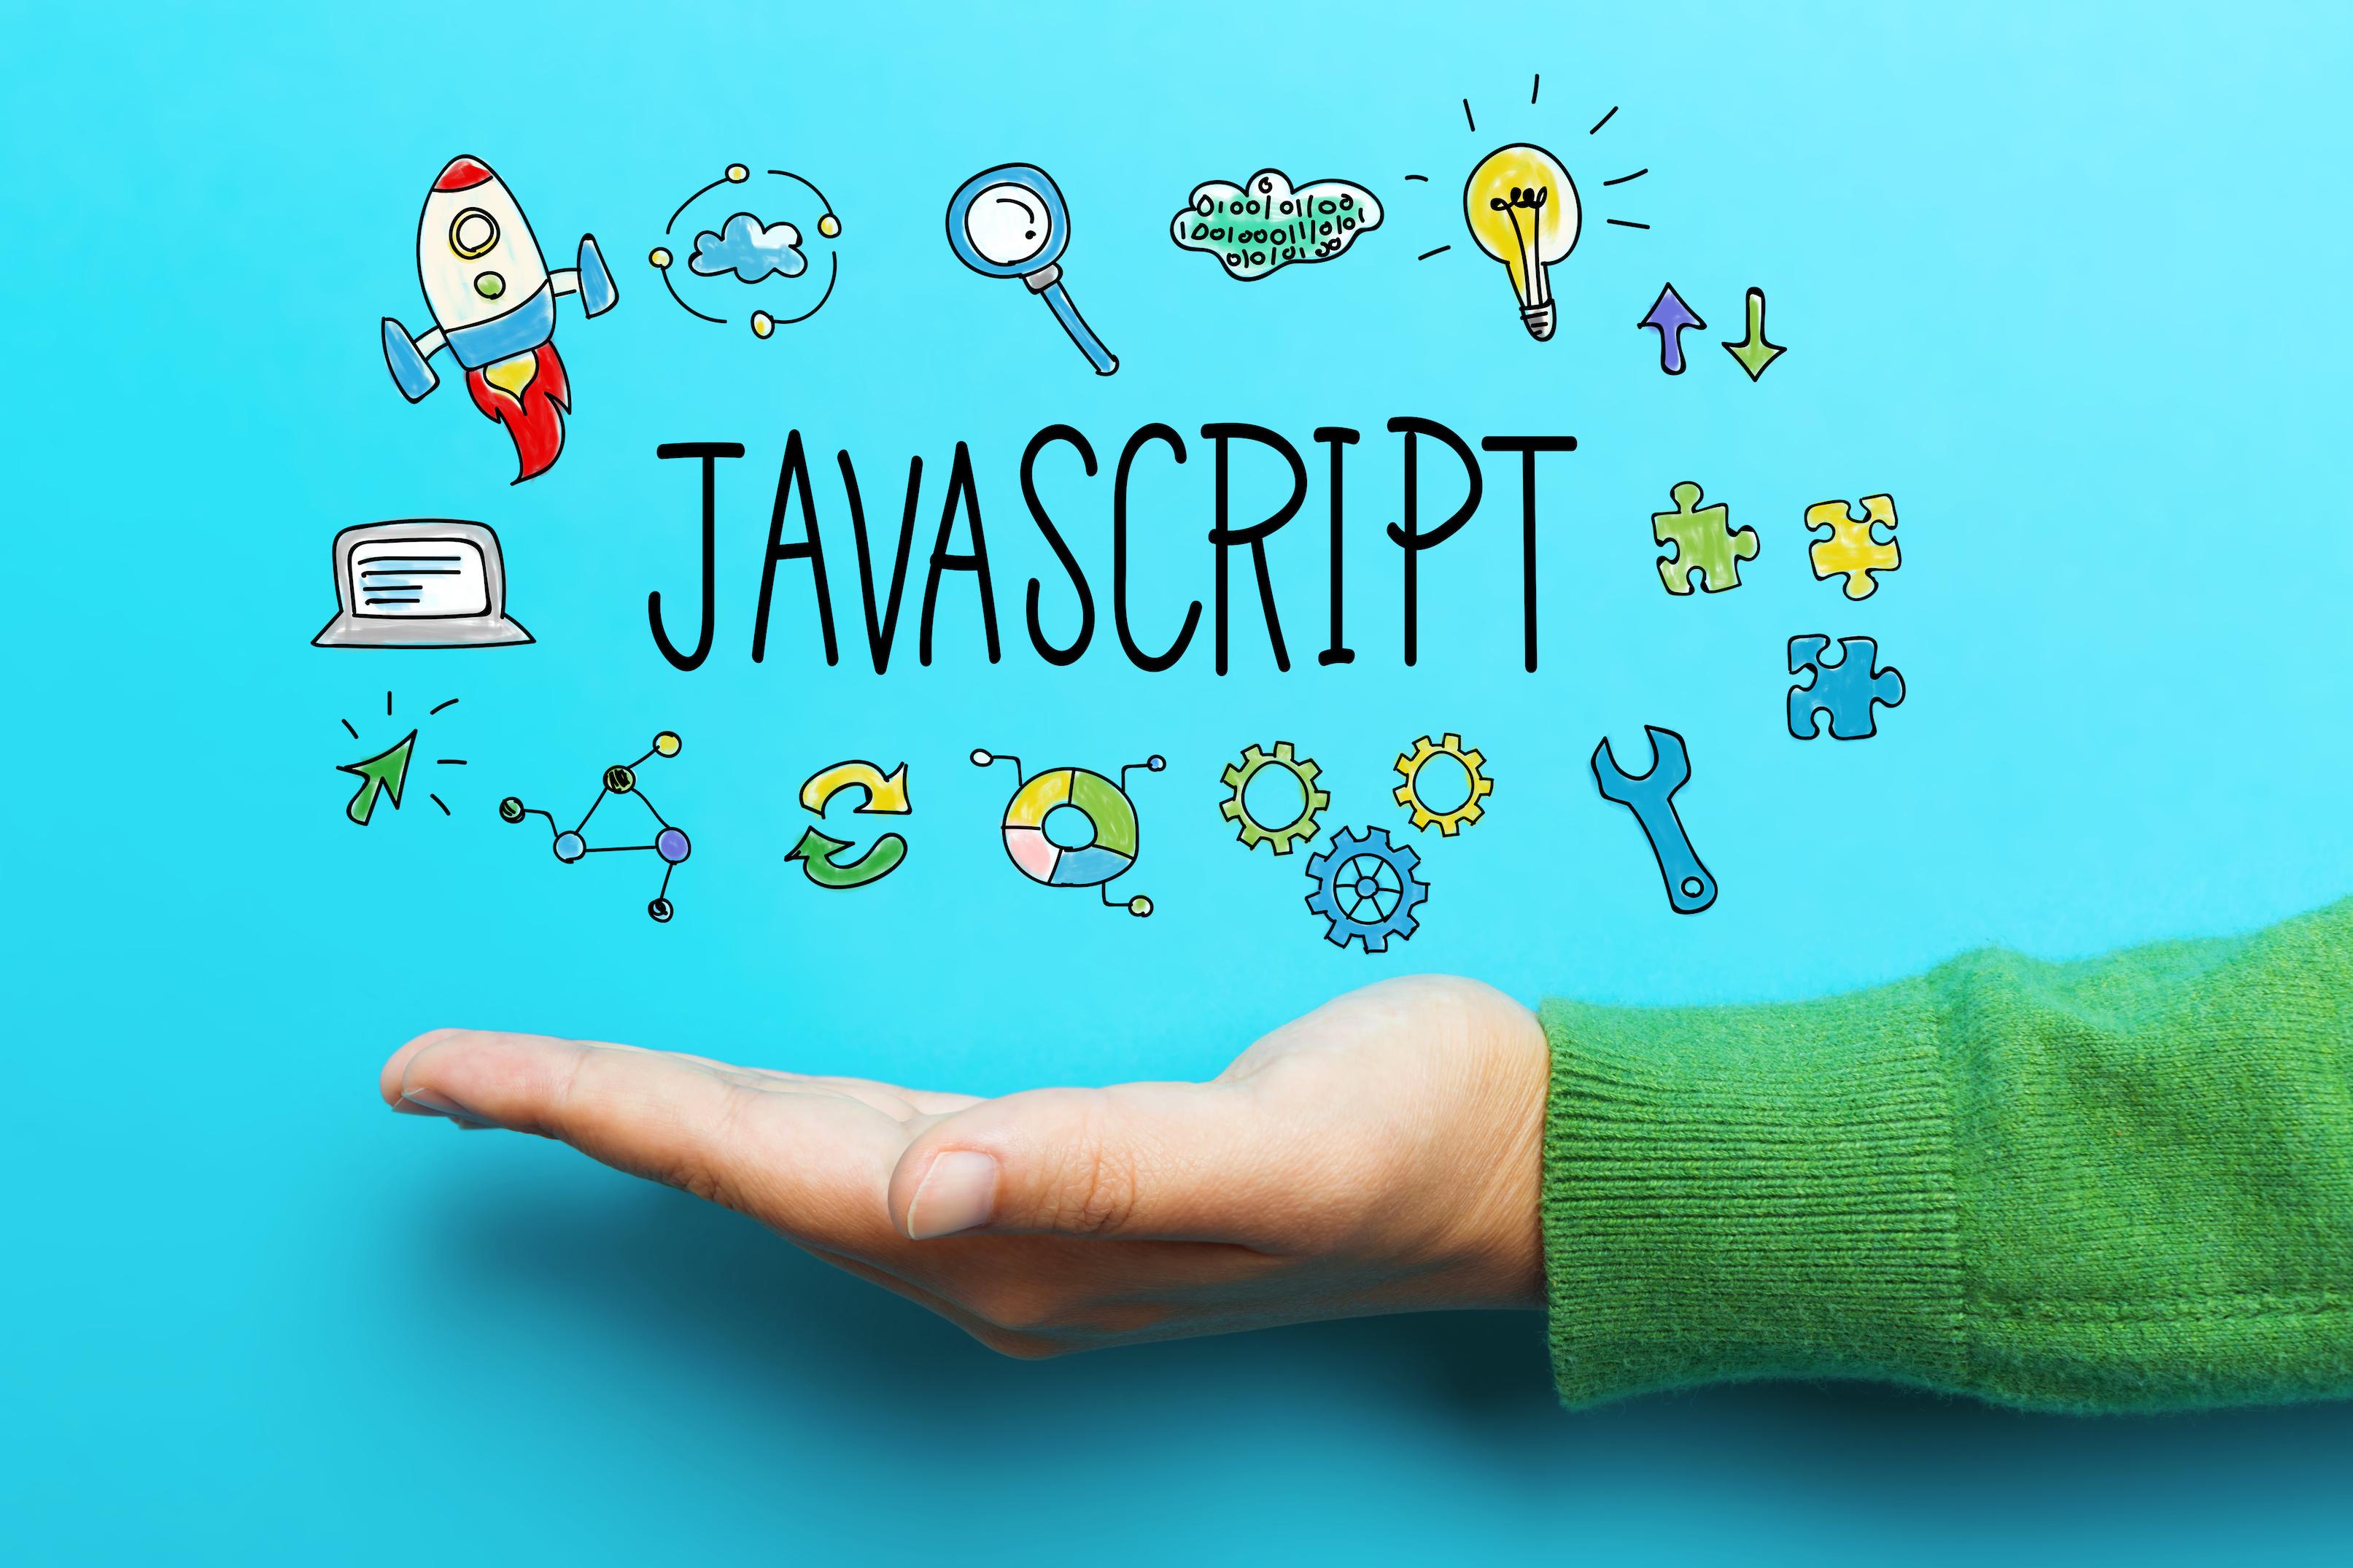 JavaScriptのコンセプトイメージ